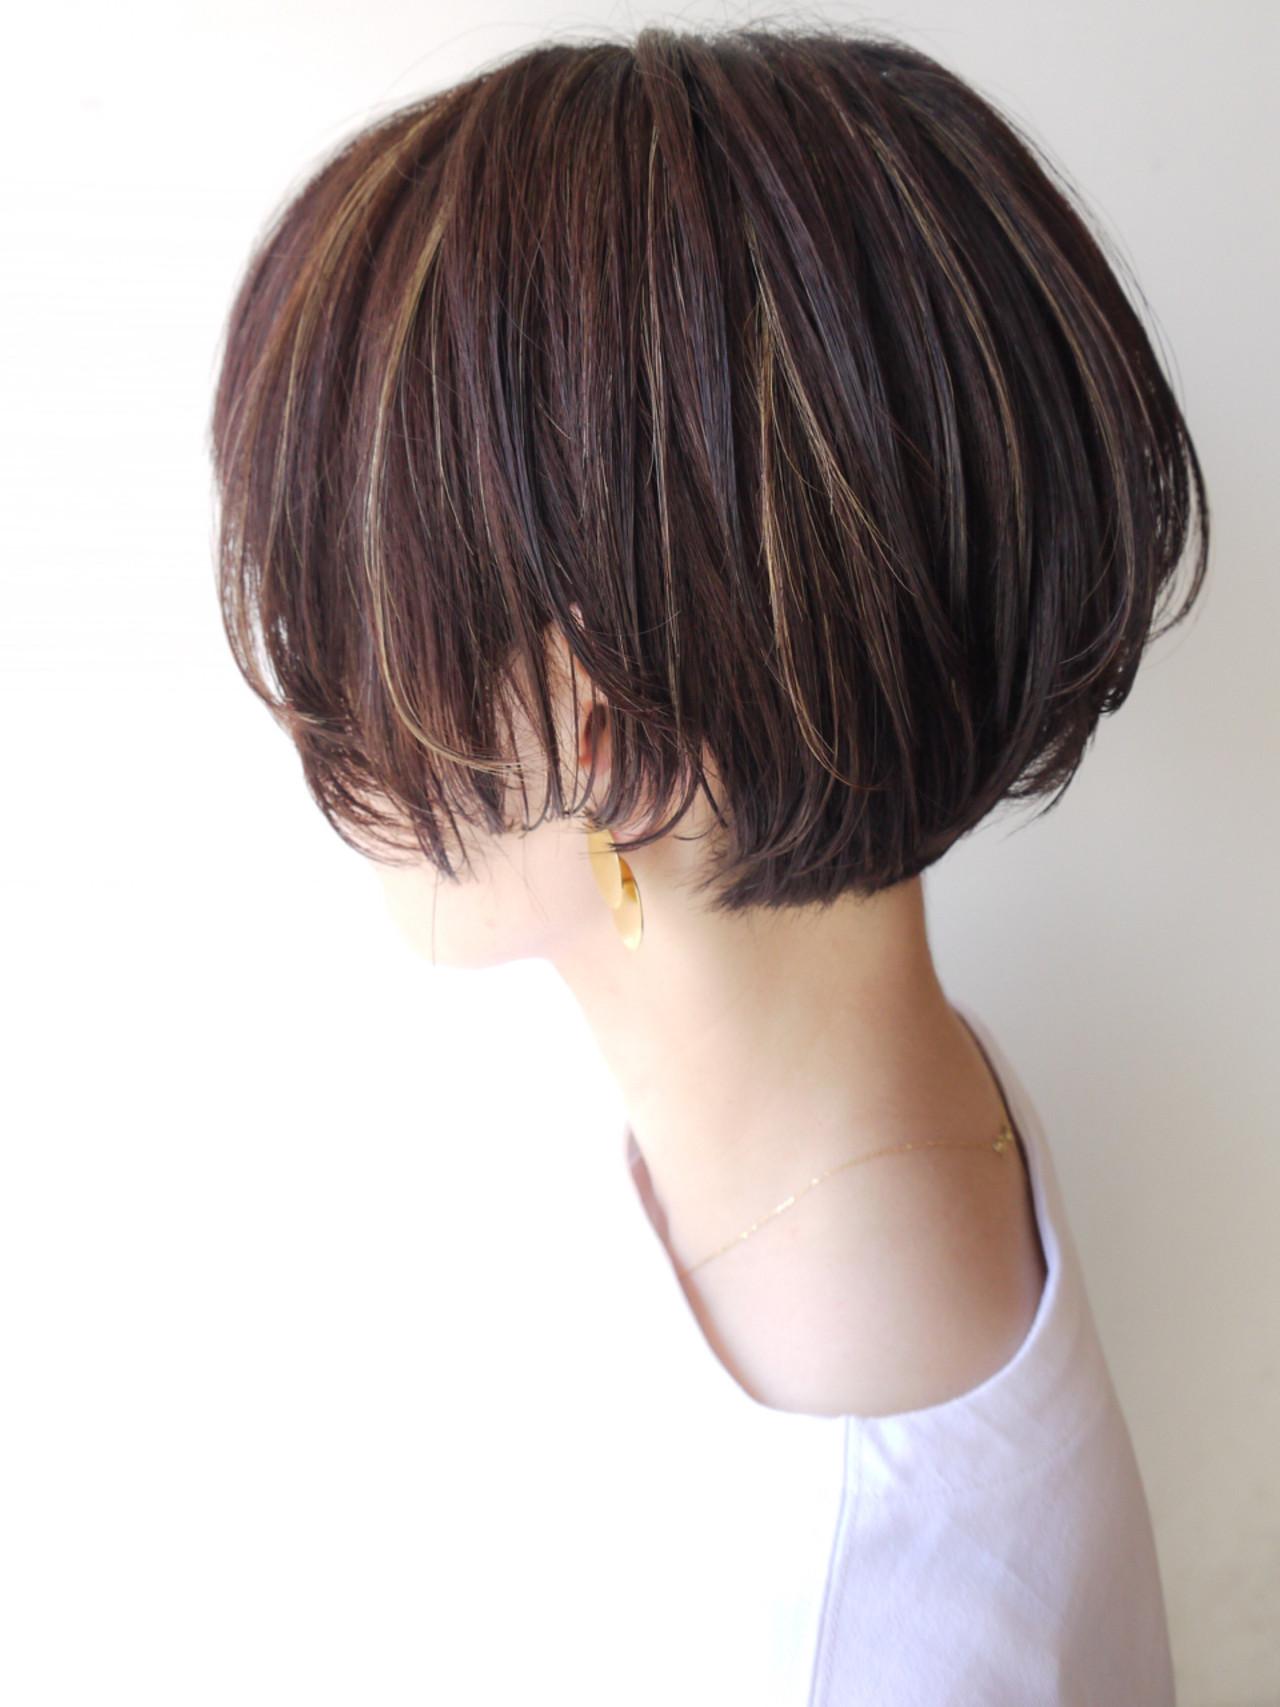 ハイライト ショートボブ ショート オフィス ヘアスタイルや髪型の写真・画像 | HIROKI / roijir / roijir